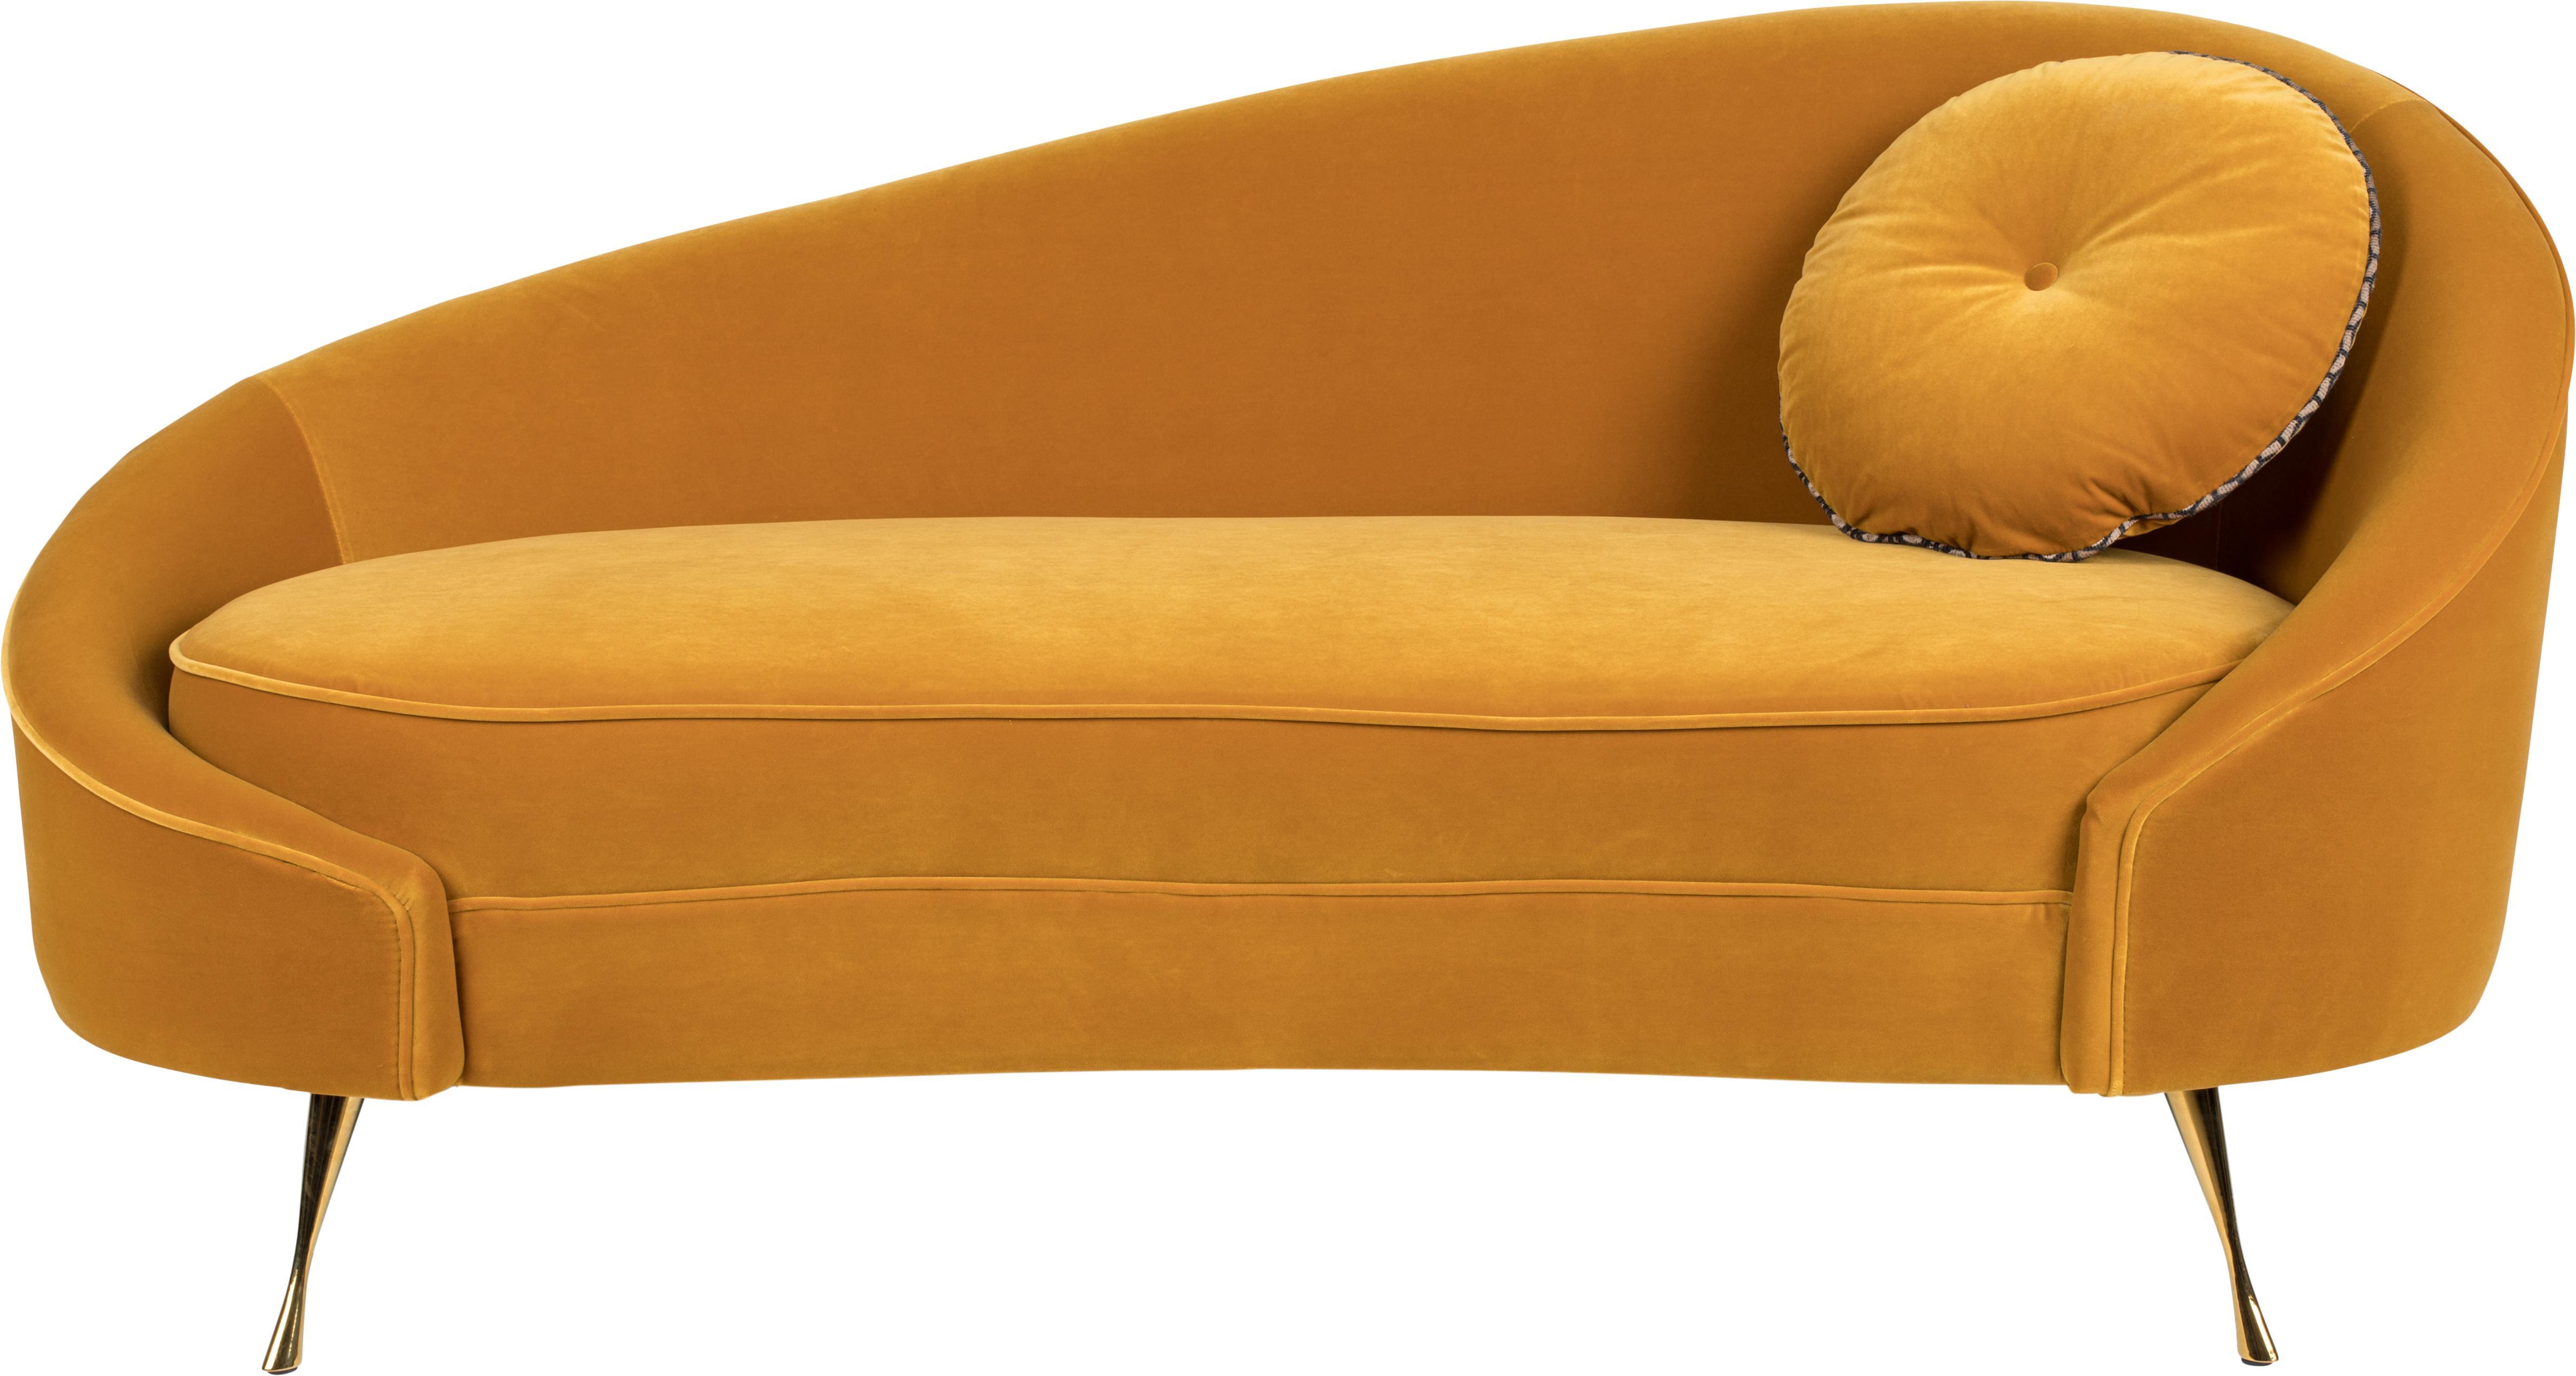 Sofá de terciopelo I Am Not A Croissant (2plazas), Tapizado: terciopelo de poliéster 3, Patas: acero inoxidable recubier, Terciopelo ocre, An 168 x Al 76 cm